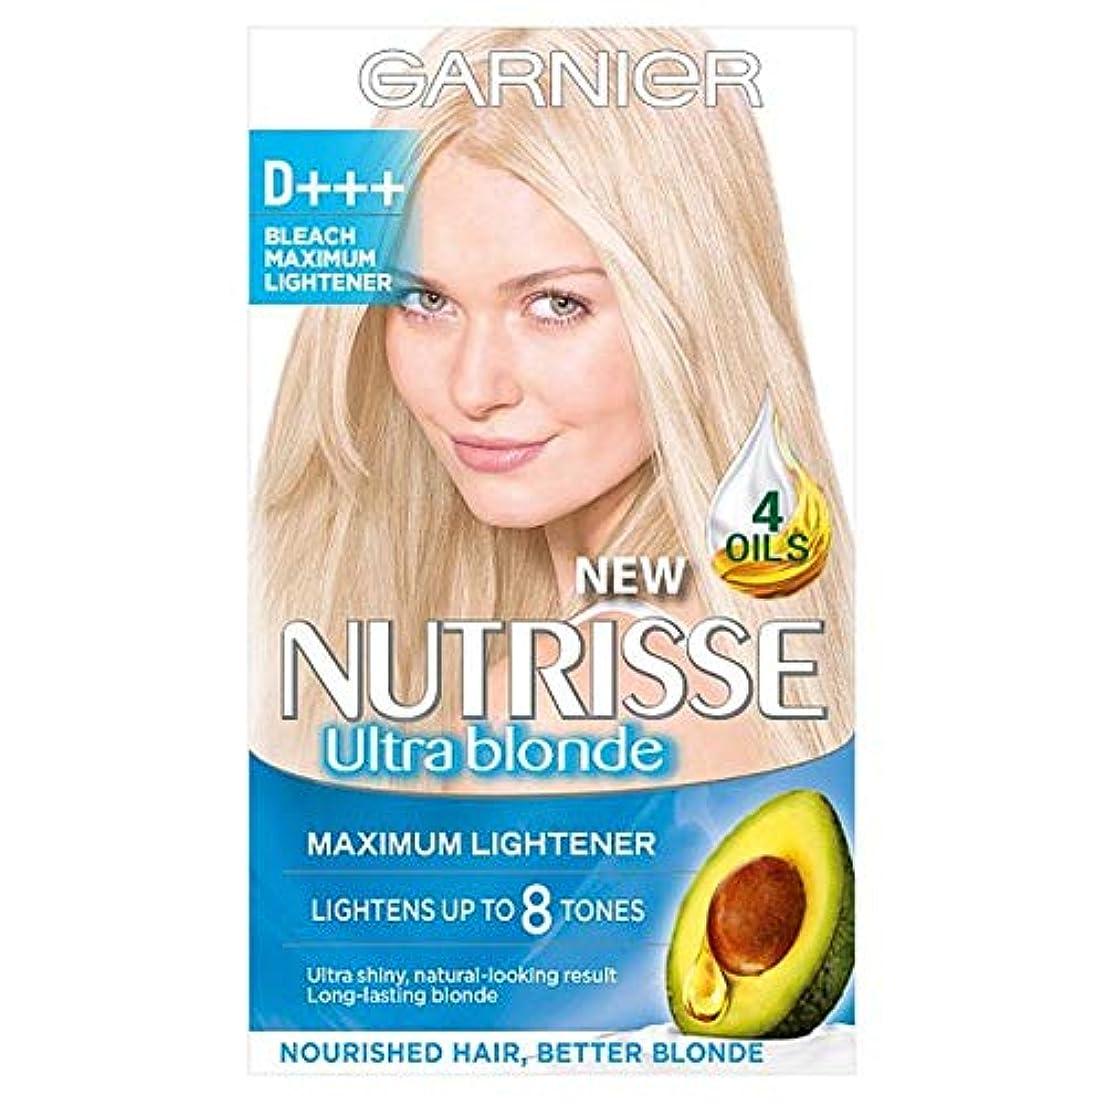 素晴らしい役立つ舌な[Garnier] ガルニエNutrisse D +++ Blchライトナーパーマネントヘアダイ - Garnier Nutrisse D+++ Blch Lightener Permanent Hair Dye [並行輸入品]